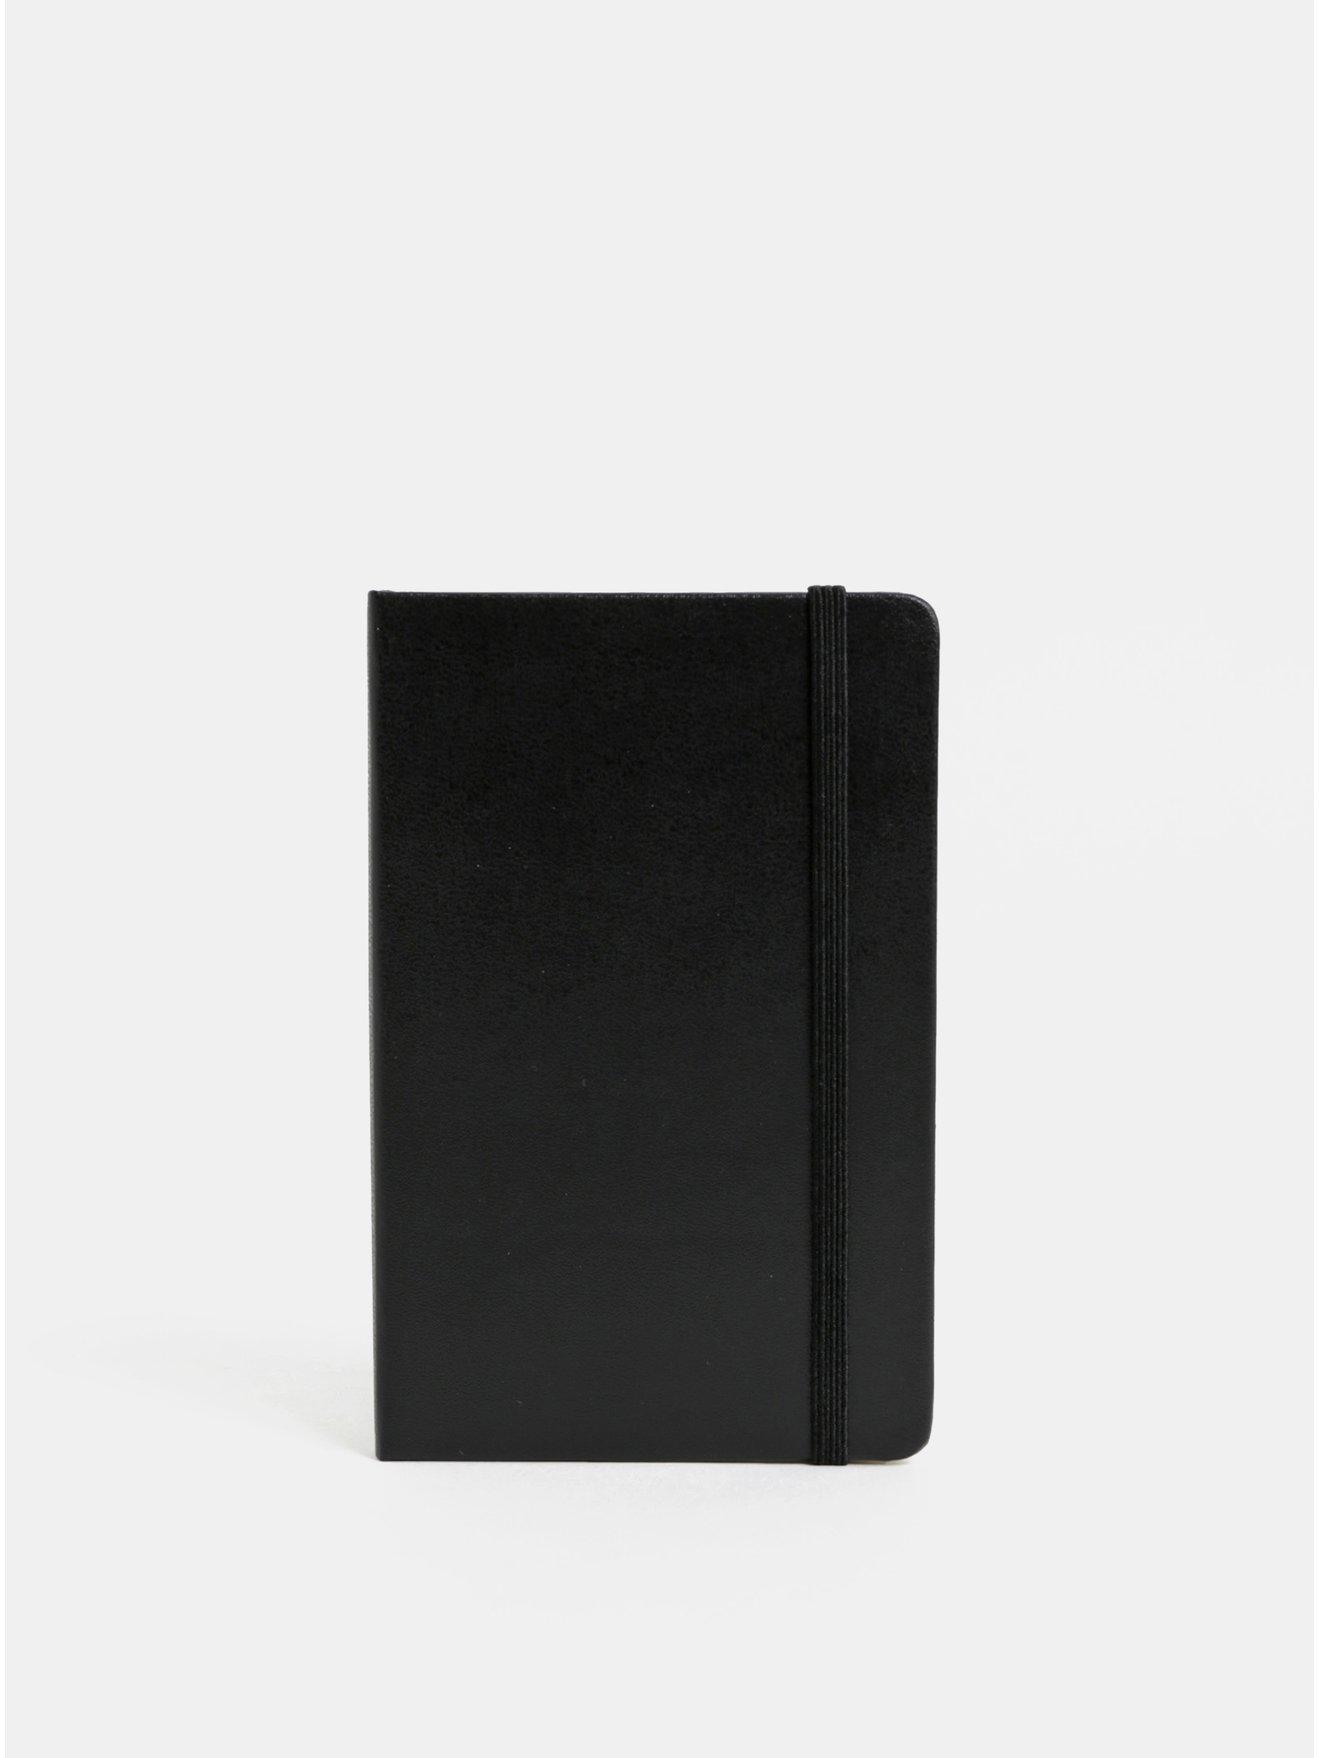 Černý linkovaný mini zápisník s pevnou vazbou Moleskine A6